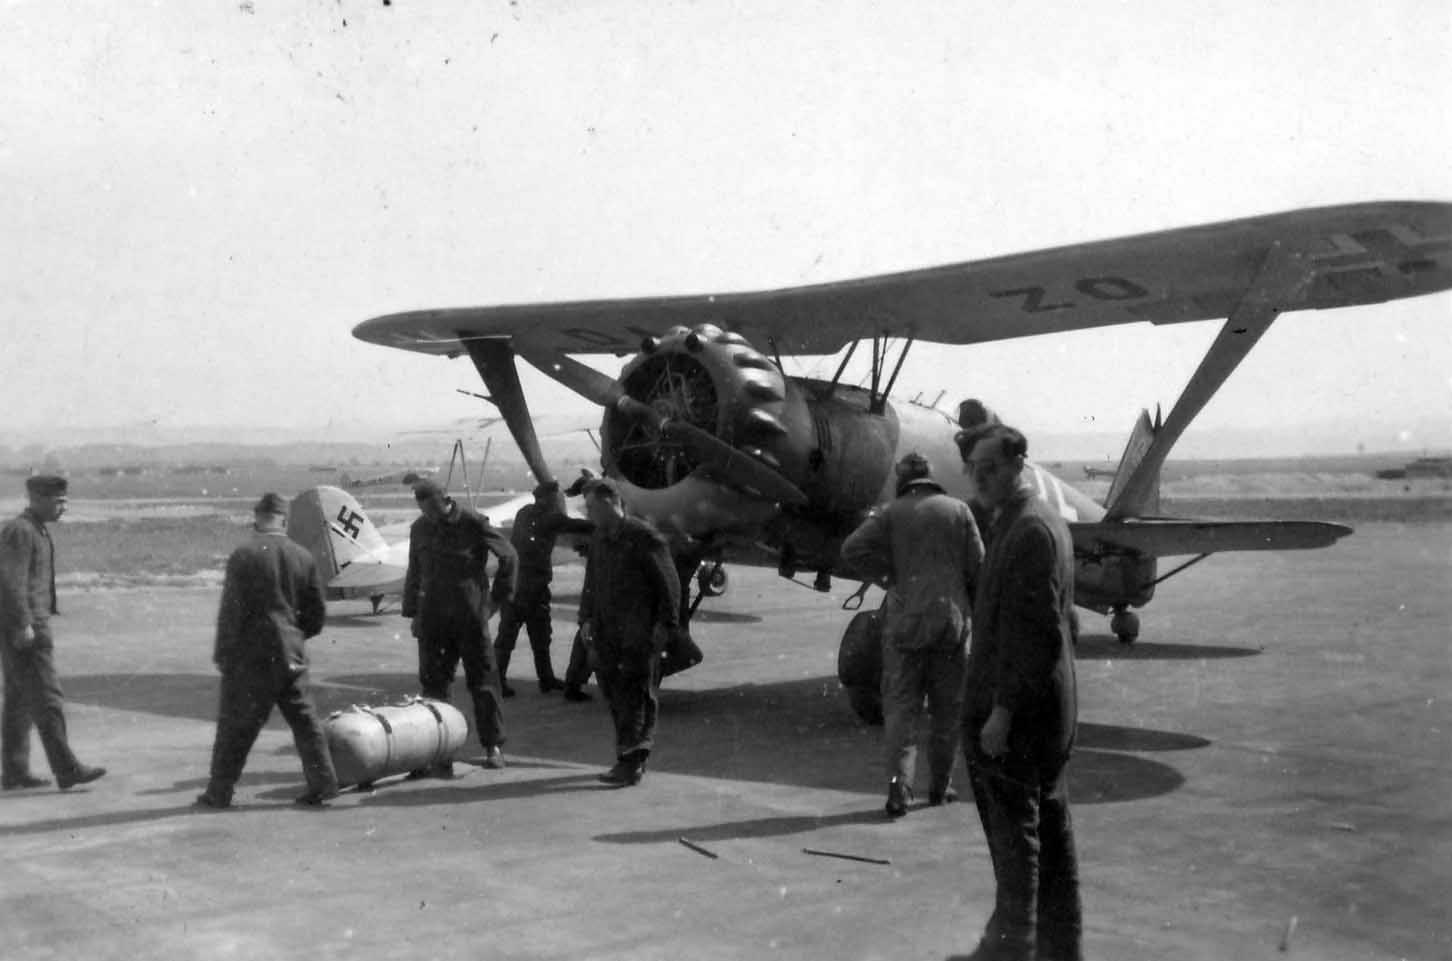 Luftwaffe ground personnel prepare to start Hs123 B